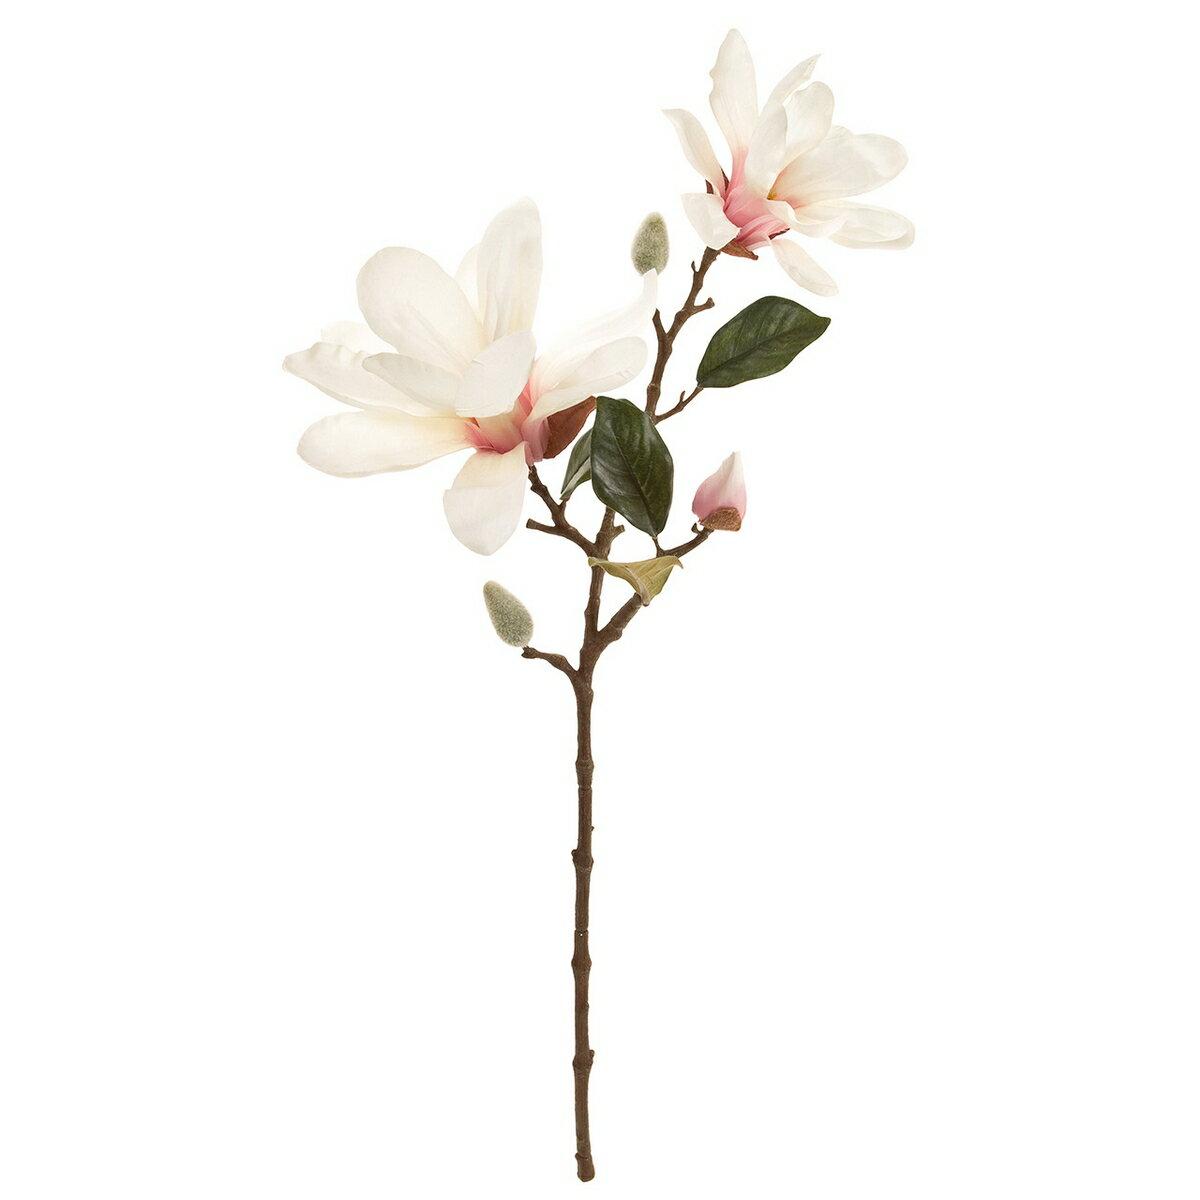 【造花】東京堂(MAGIQ)/サリューマグノリア #48 CR/PK/FM003717-048【01】【取寄】《 造花(アーティフィシャルフラワー) 造花 花材「ま行」 モクレン(木蓮)・マグノリア 》